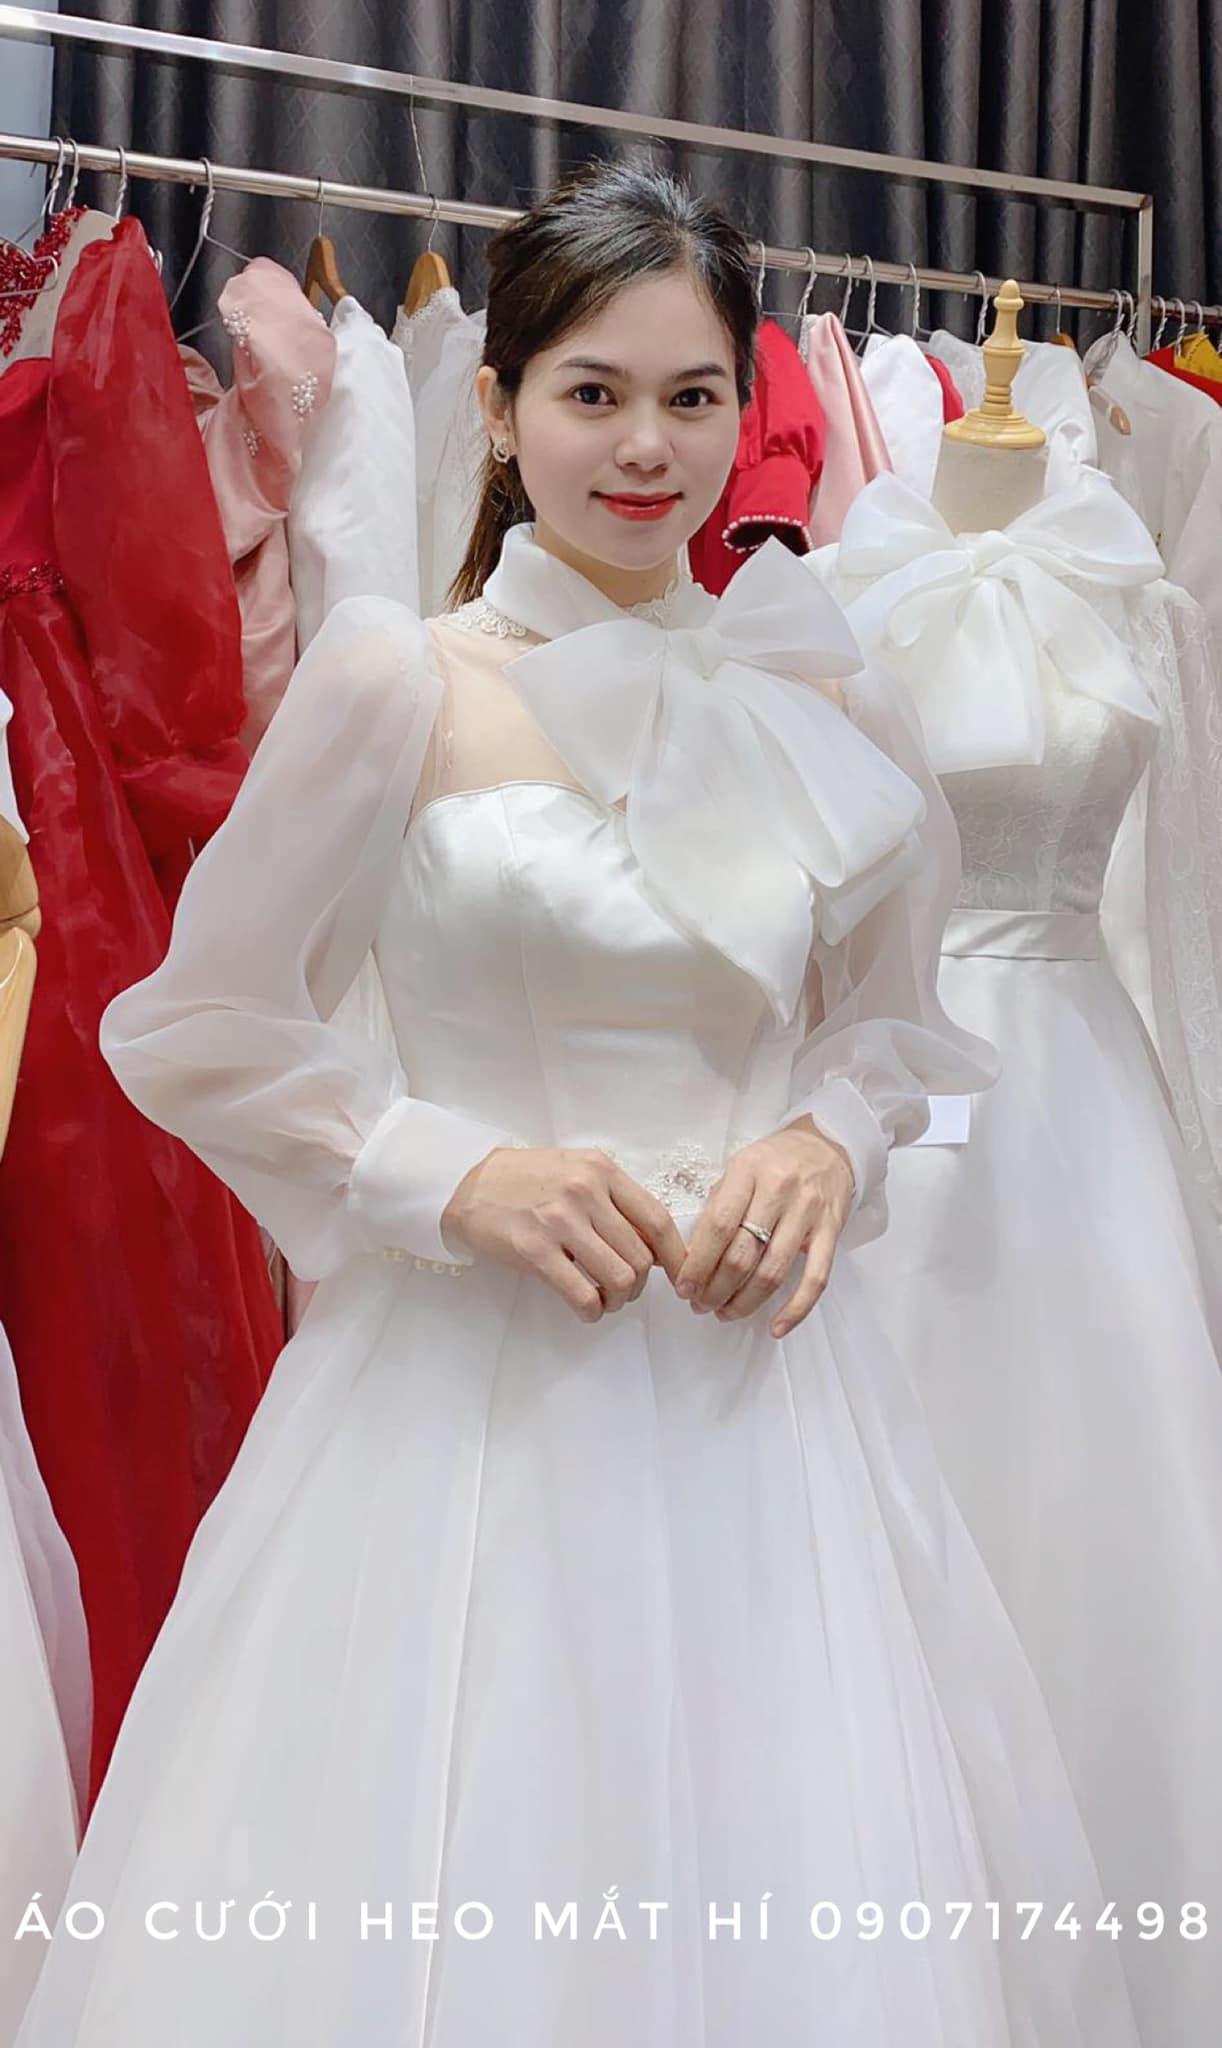 Top 7 tiệm trang điểm cô dâu đẹp nhất tại Trà Vinh -  Áo Cưới Heo Mắt Hí